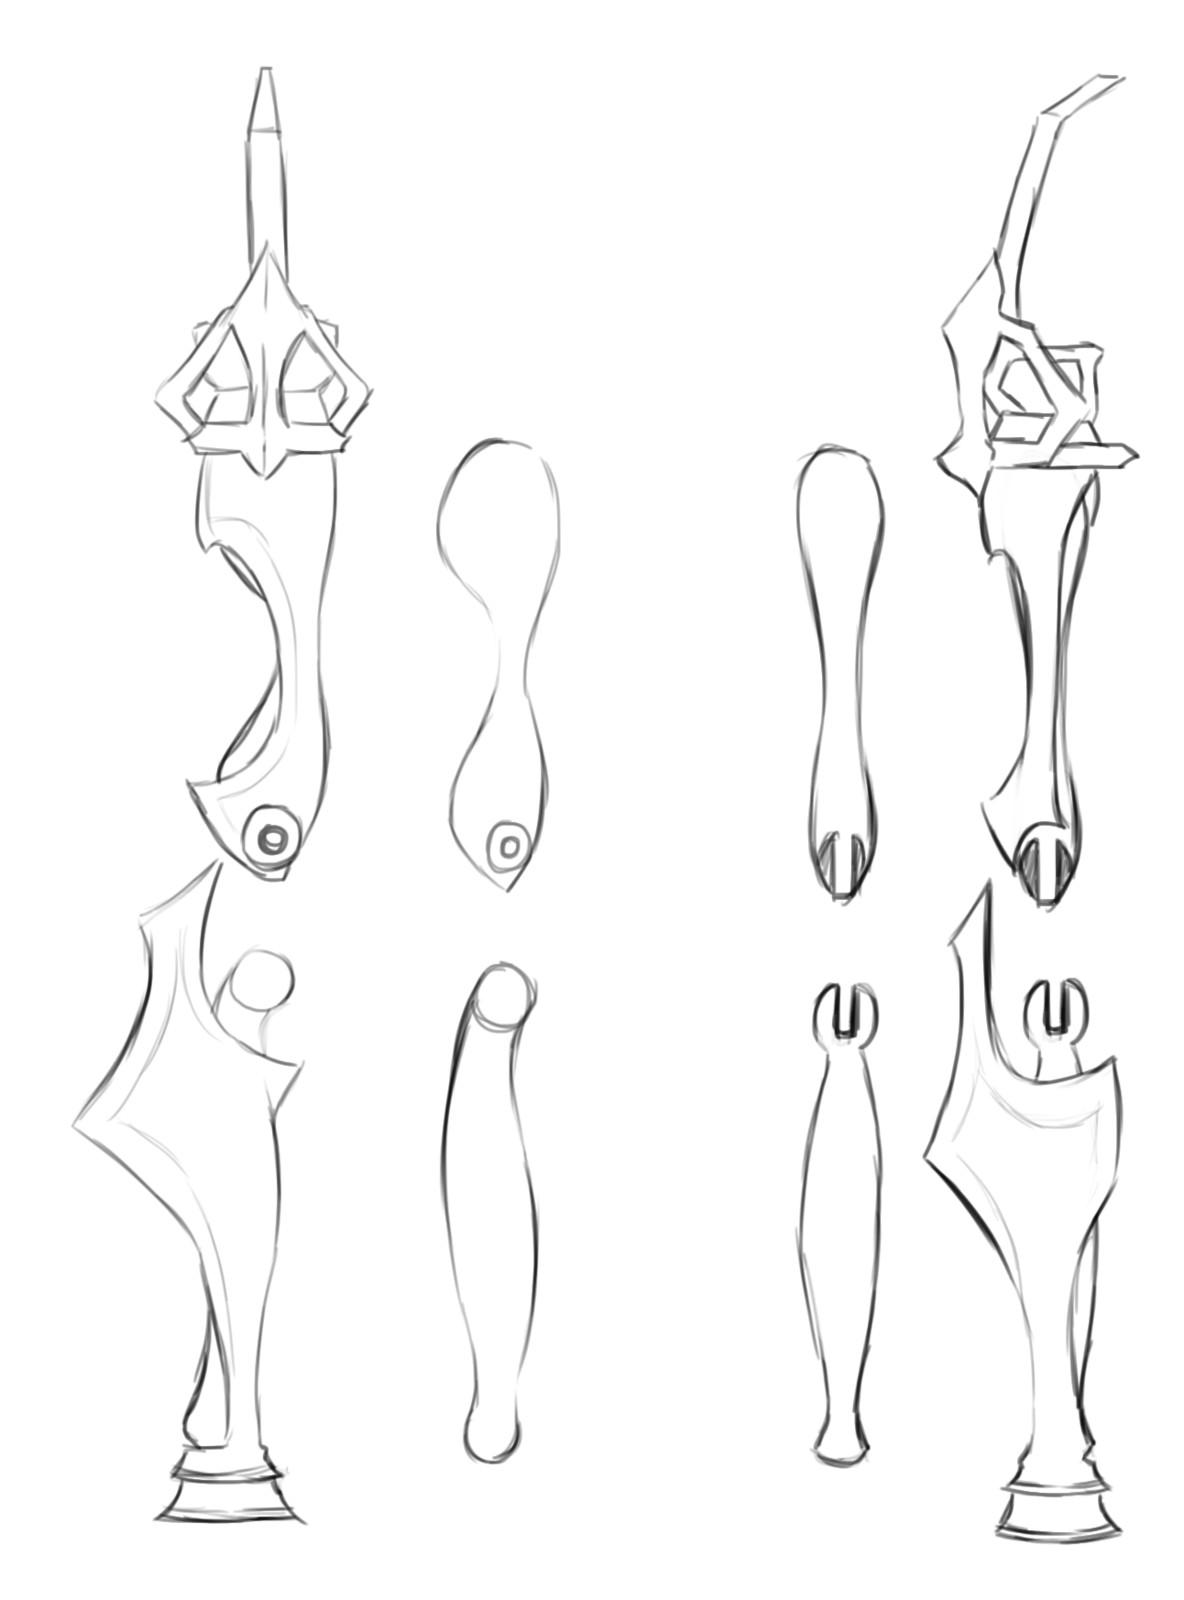 Mech Arm Concept